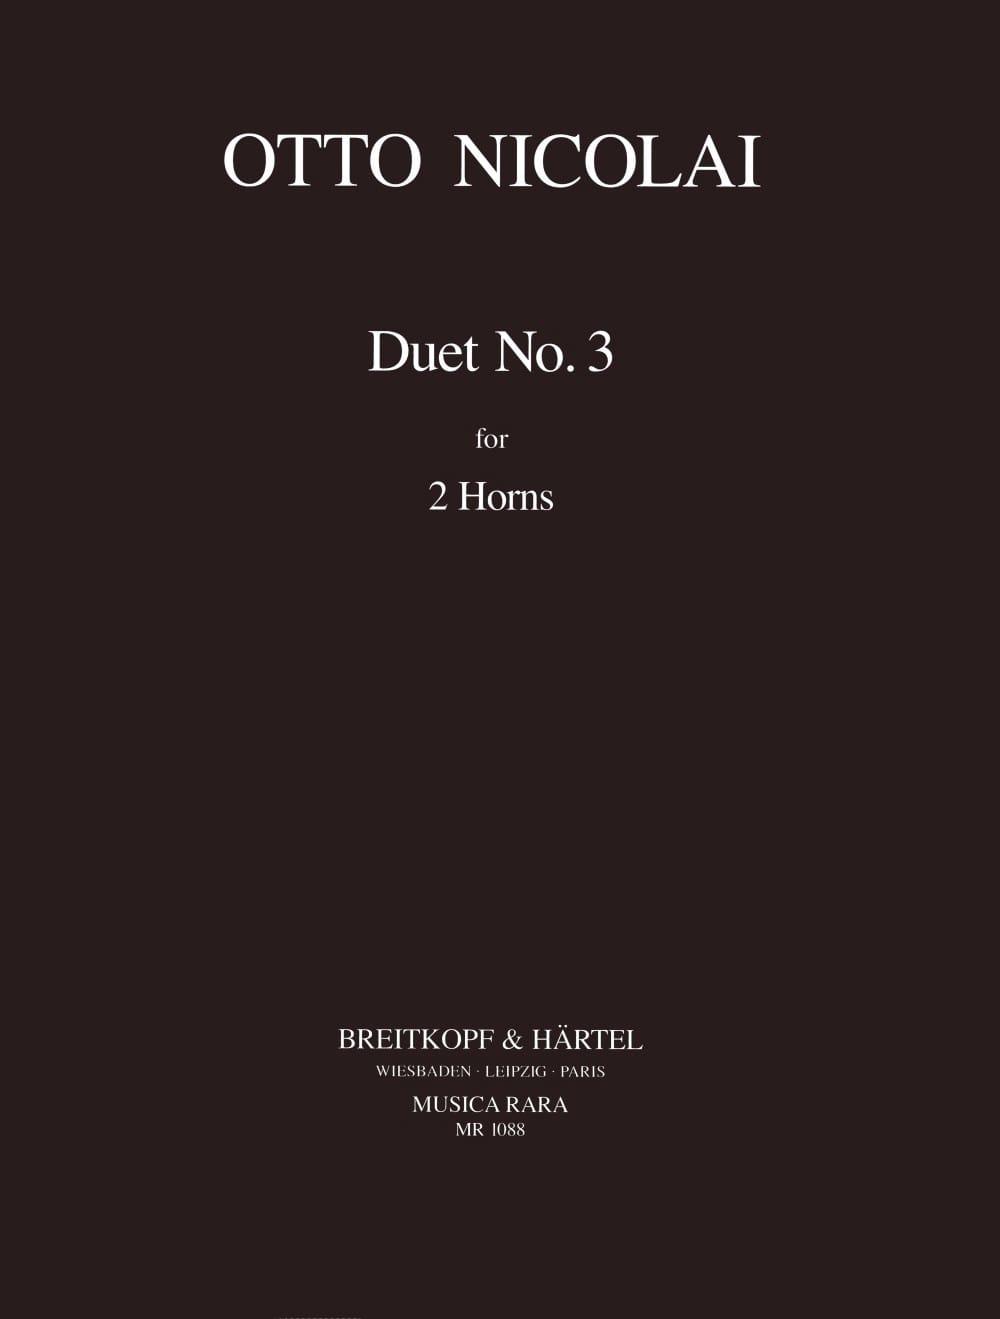 Duet N° 3 pour 2 cors - Otto Nicolai - Partition - laflutedepan.com